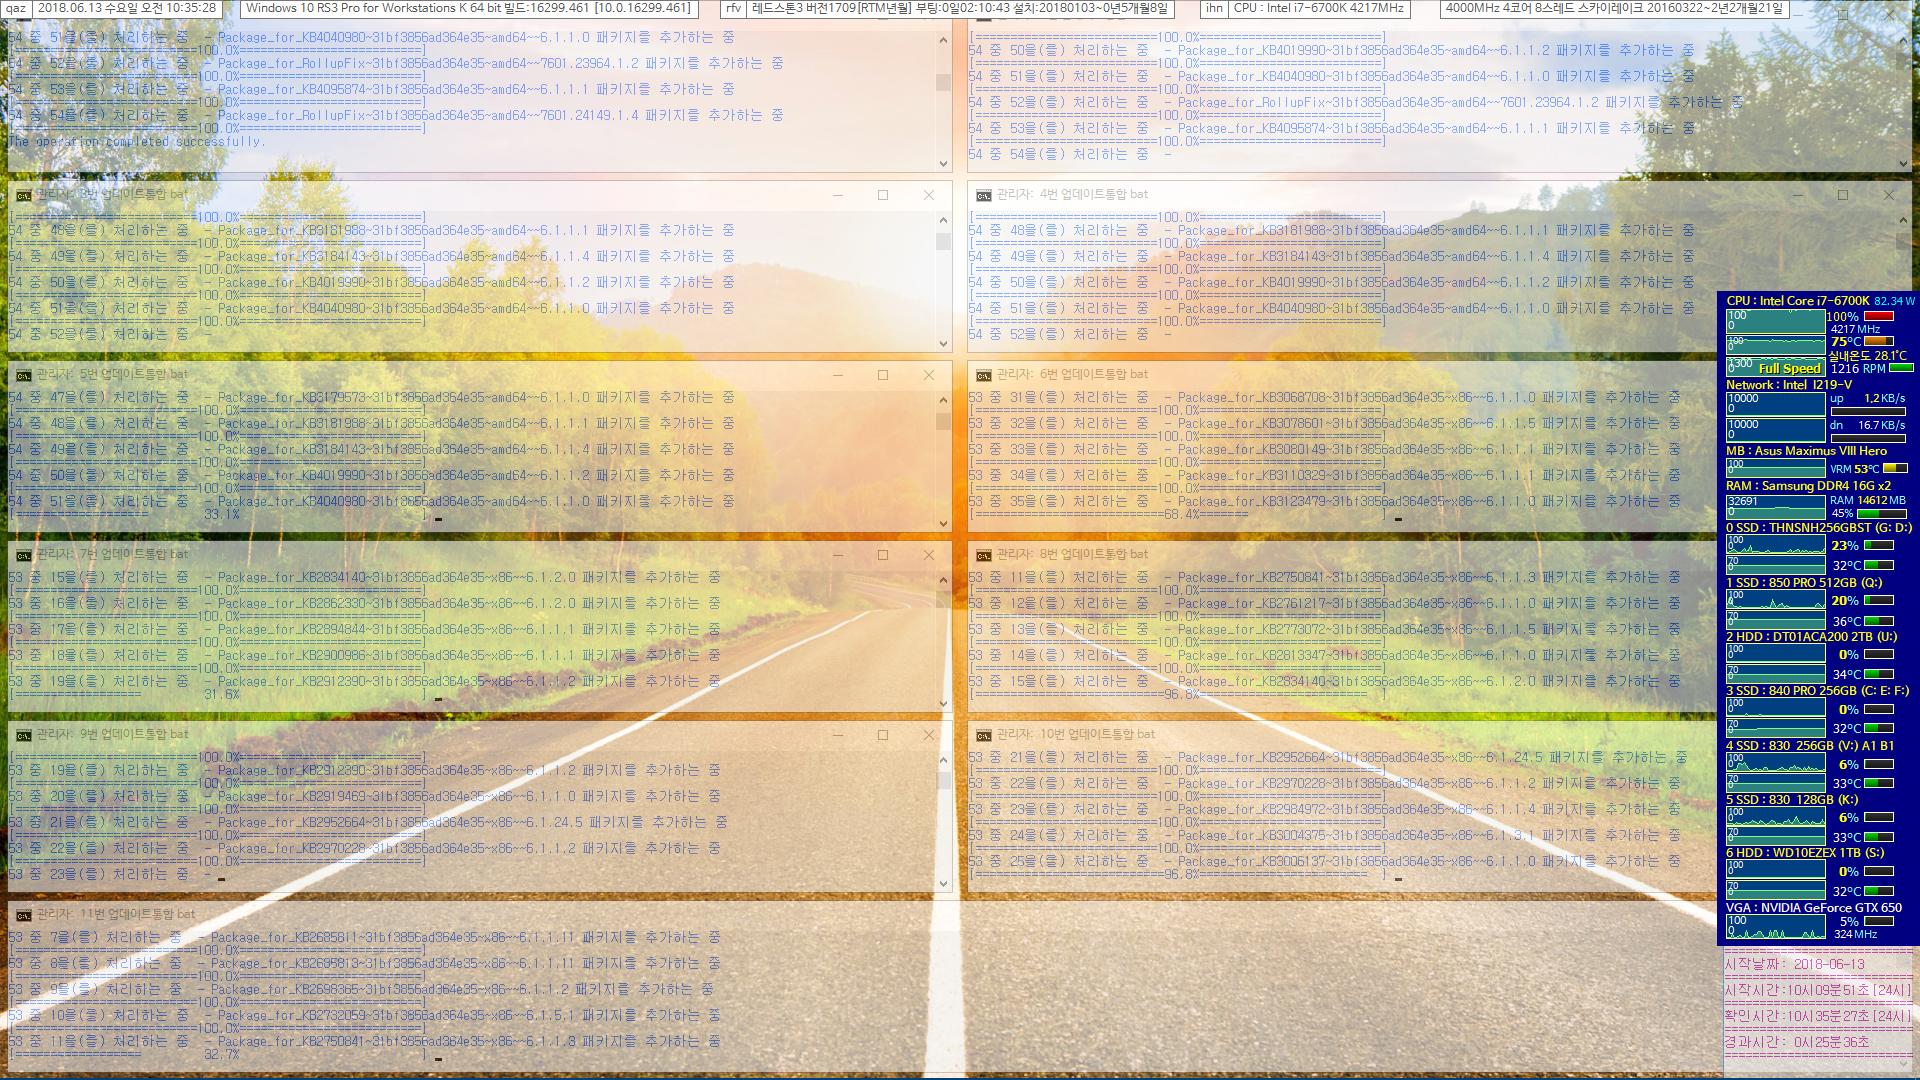 Windows 7 롤업 업데이트 KB4284826 (OS 빌드 7601.24149) IE10 통합중 입니다 2018-06-13_103528.png